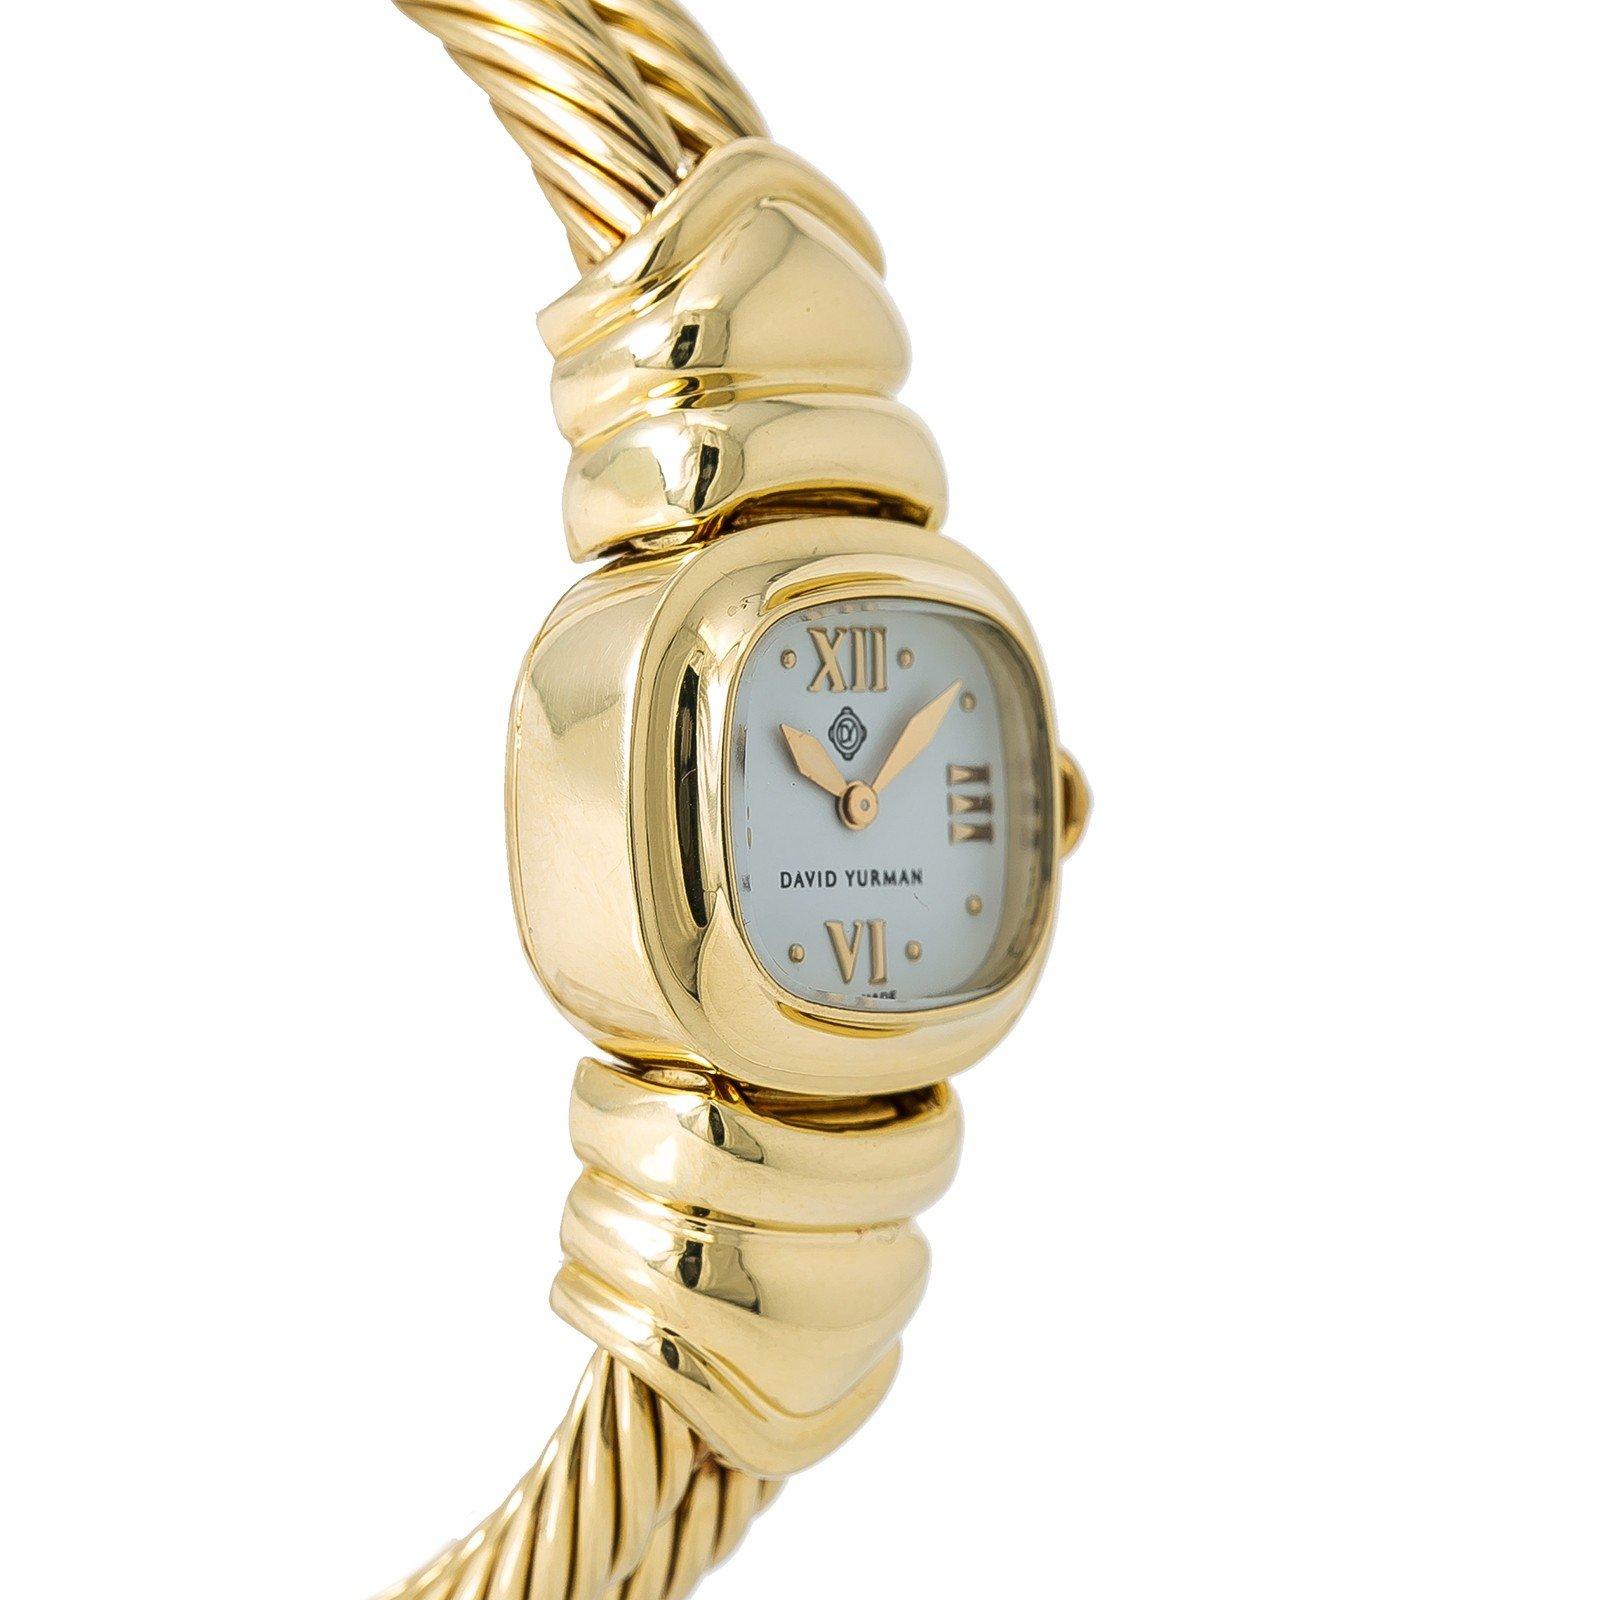 David Yurman Bangle Watch quartz womens Watch T-3833 (Certified Pre-owned) by David Yurman (Image #5)